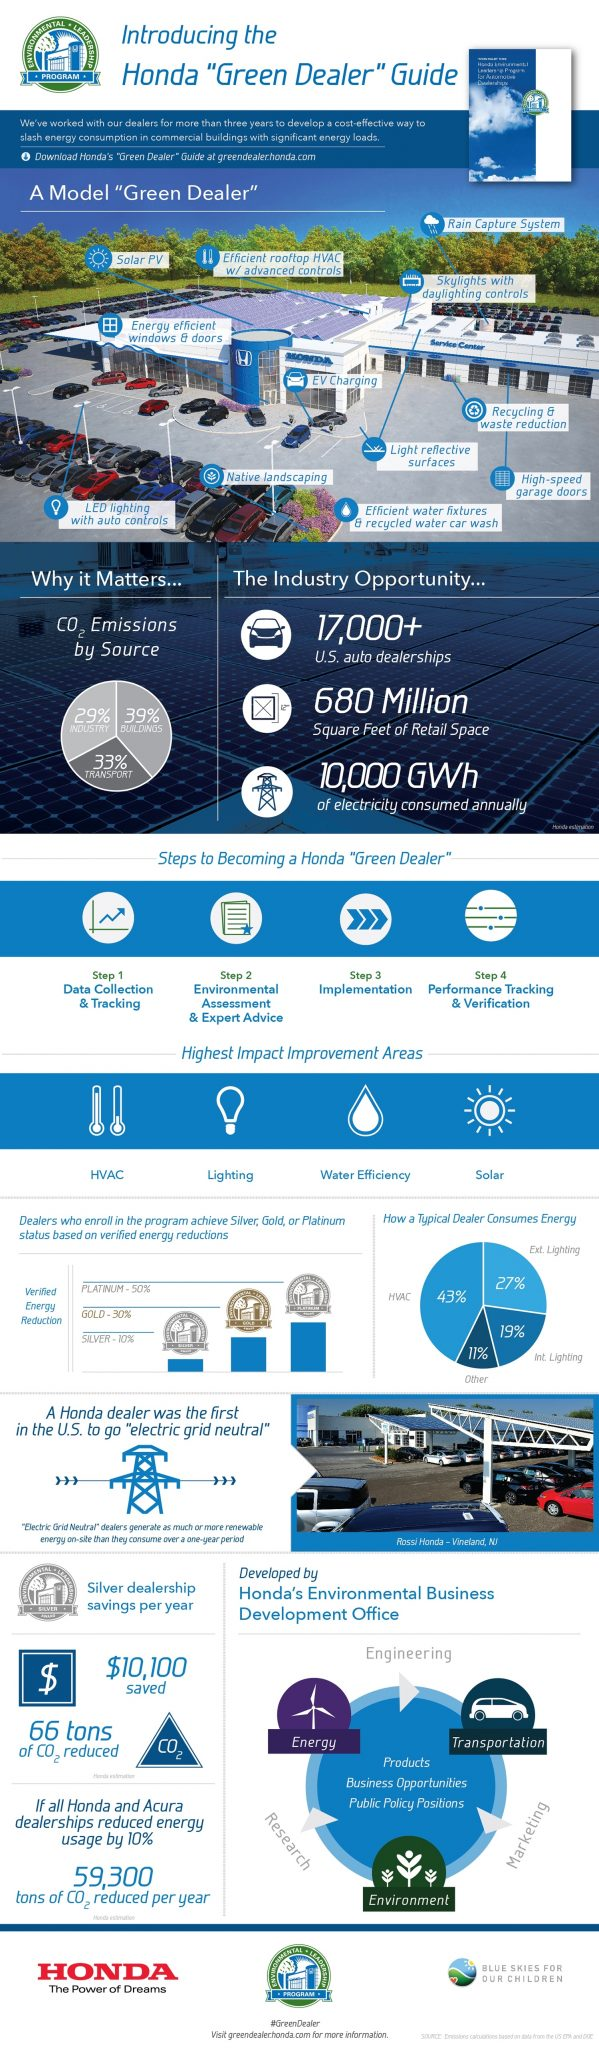 Honda Green Dealer Guide Infographic.